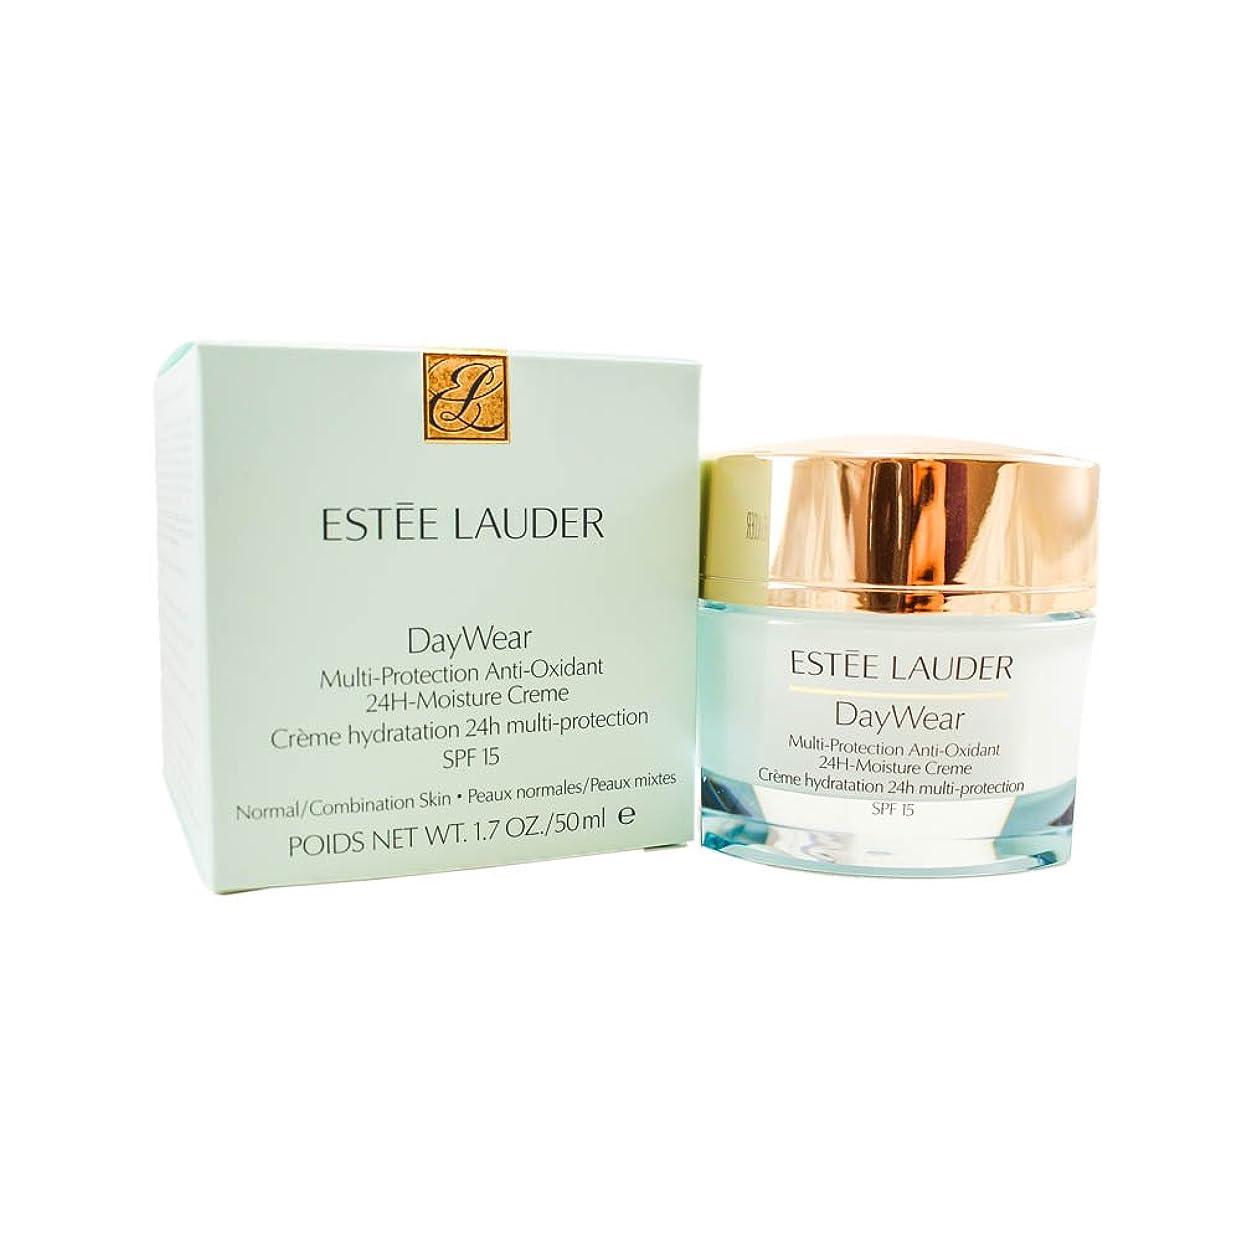 受取人織機ビームEstee Lauder DAYWEAR Advanced Multi Protection Anti Oxidant Creme SPF15 normal to combination skin 50 ml [海外直送品] [並行輸入品]